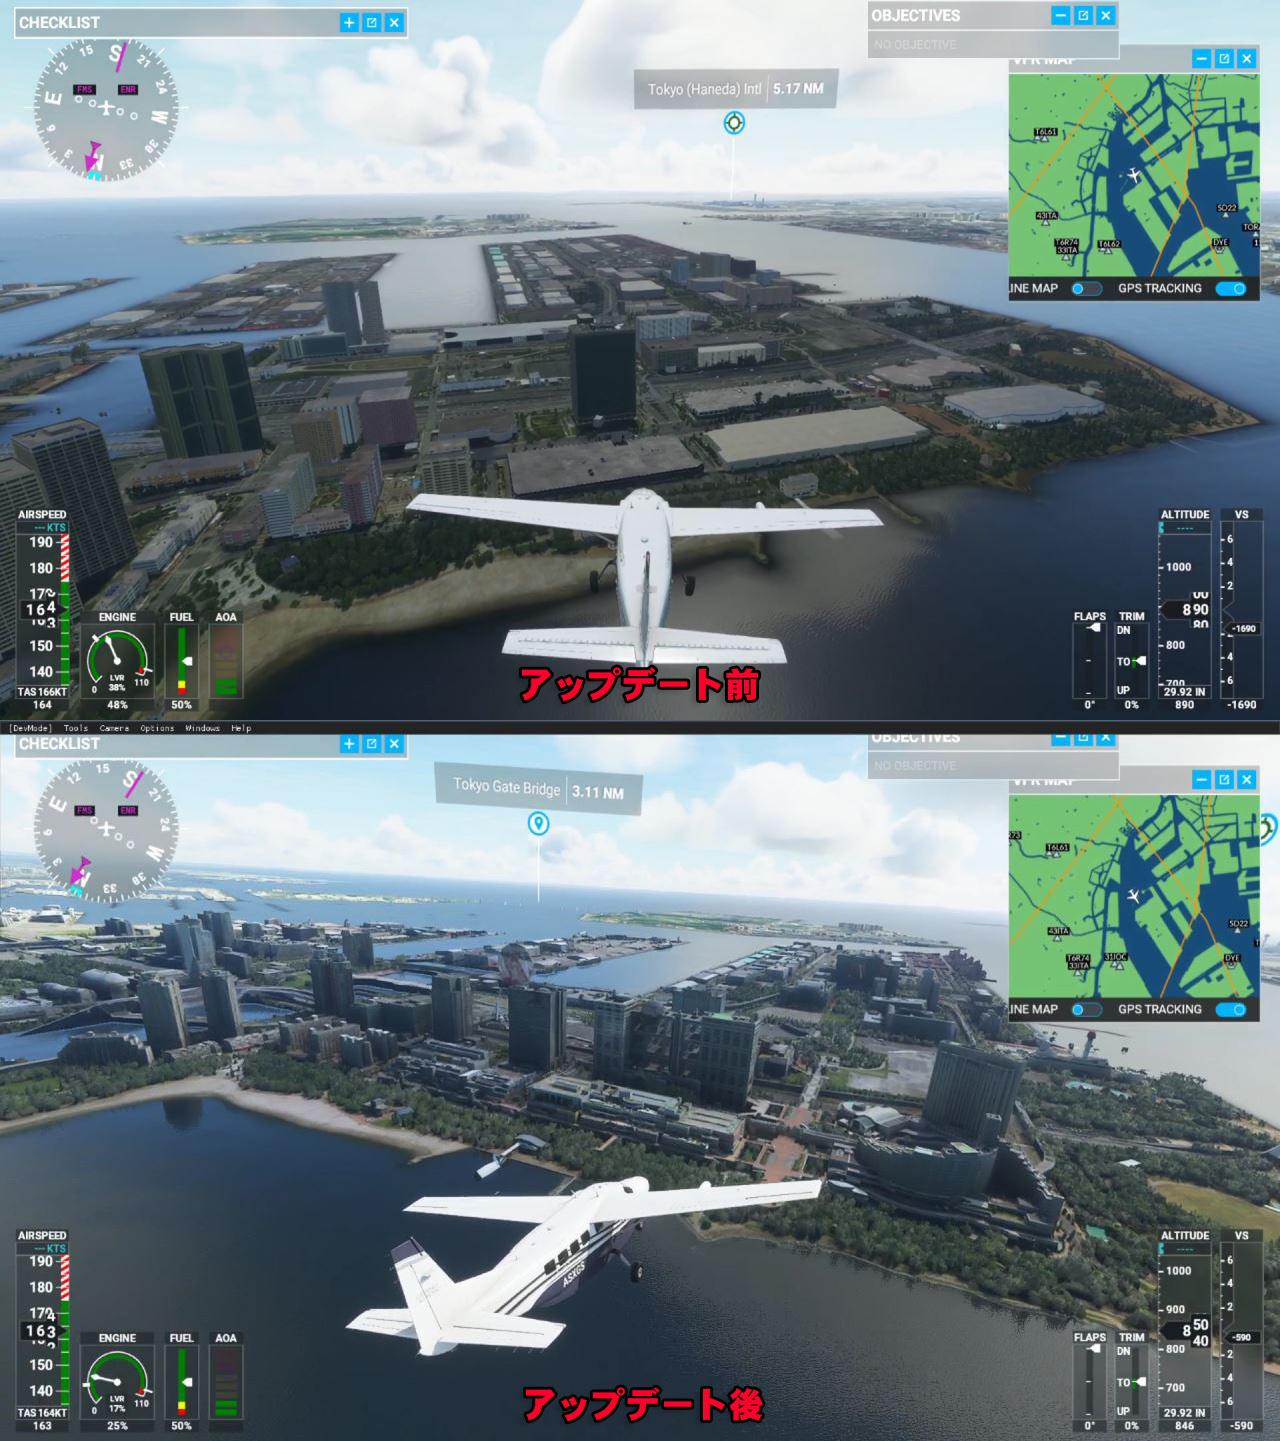 FS odaiba - マイクロソフトフライトシミュレータ2020の神アップデートでより日本が綺麗に描かれるように